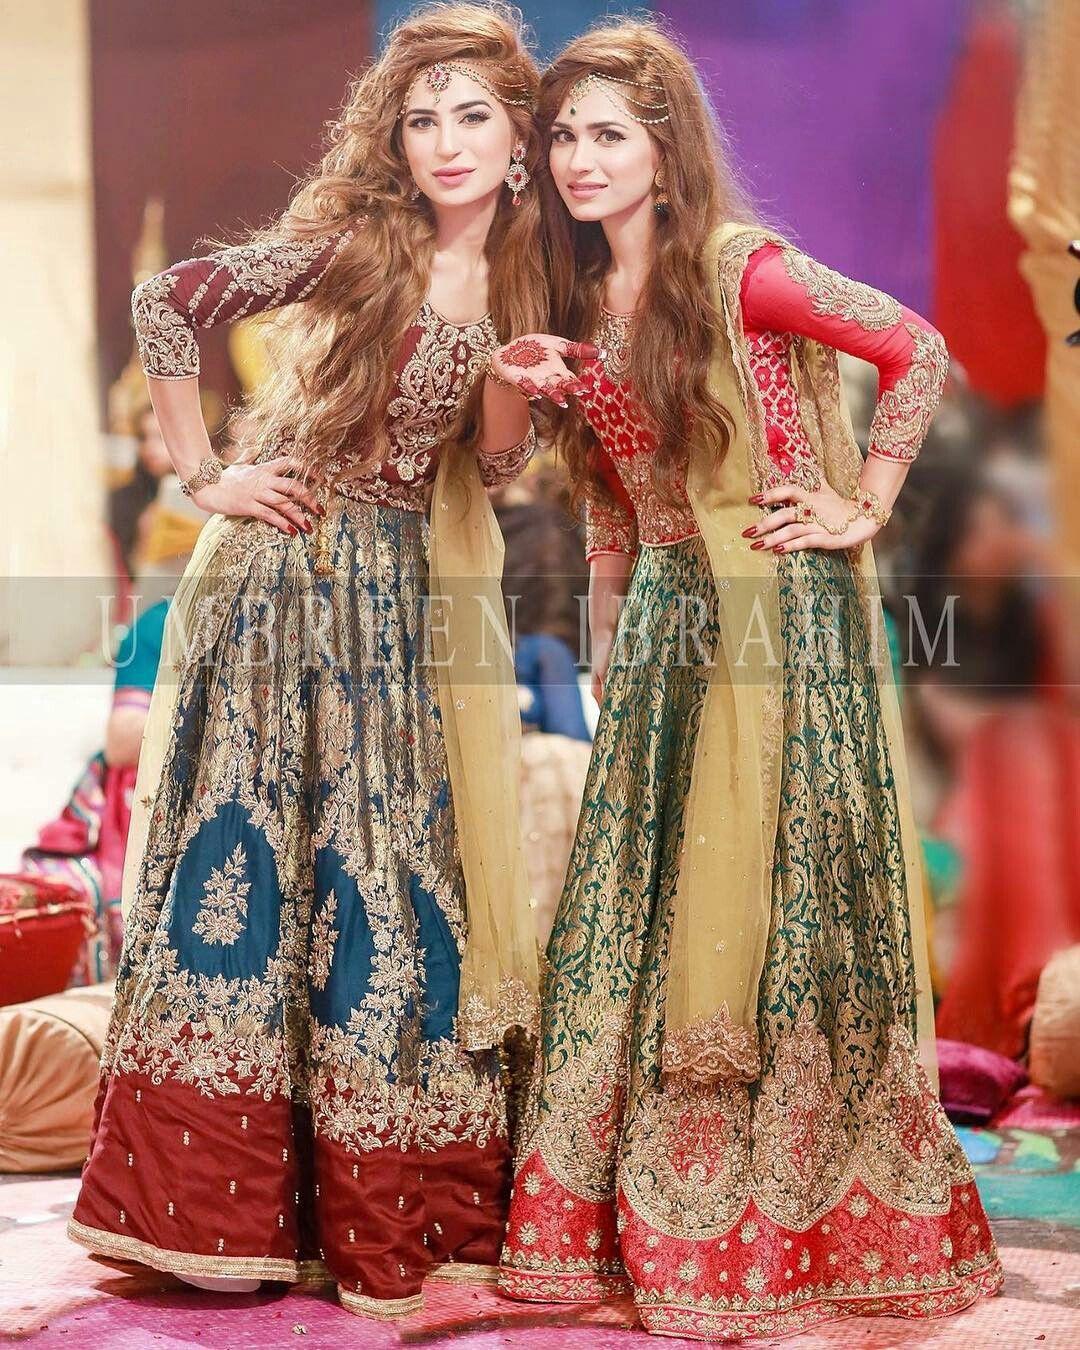 Shehvella Pakistani Bridal Dresses Pakistani Formal Dresses Pakistani Wedding Outfits